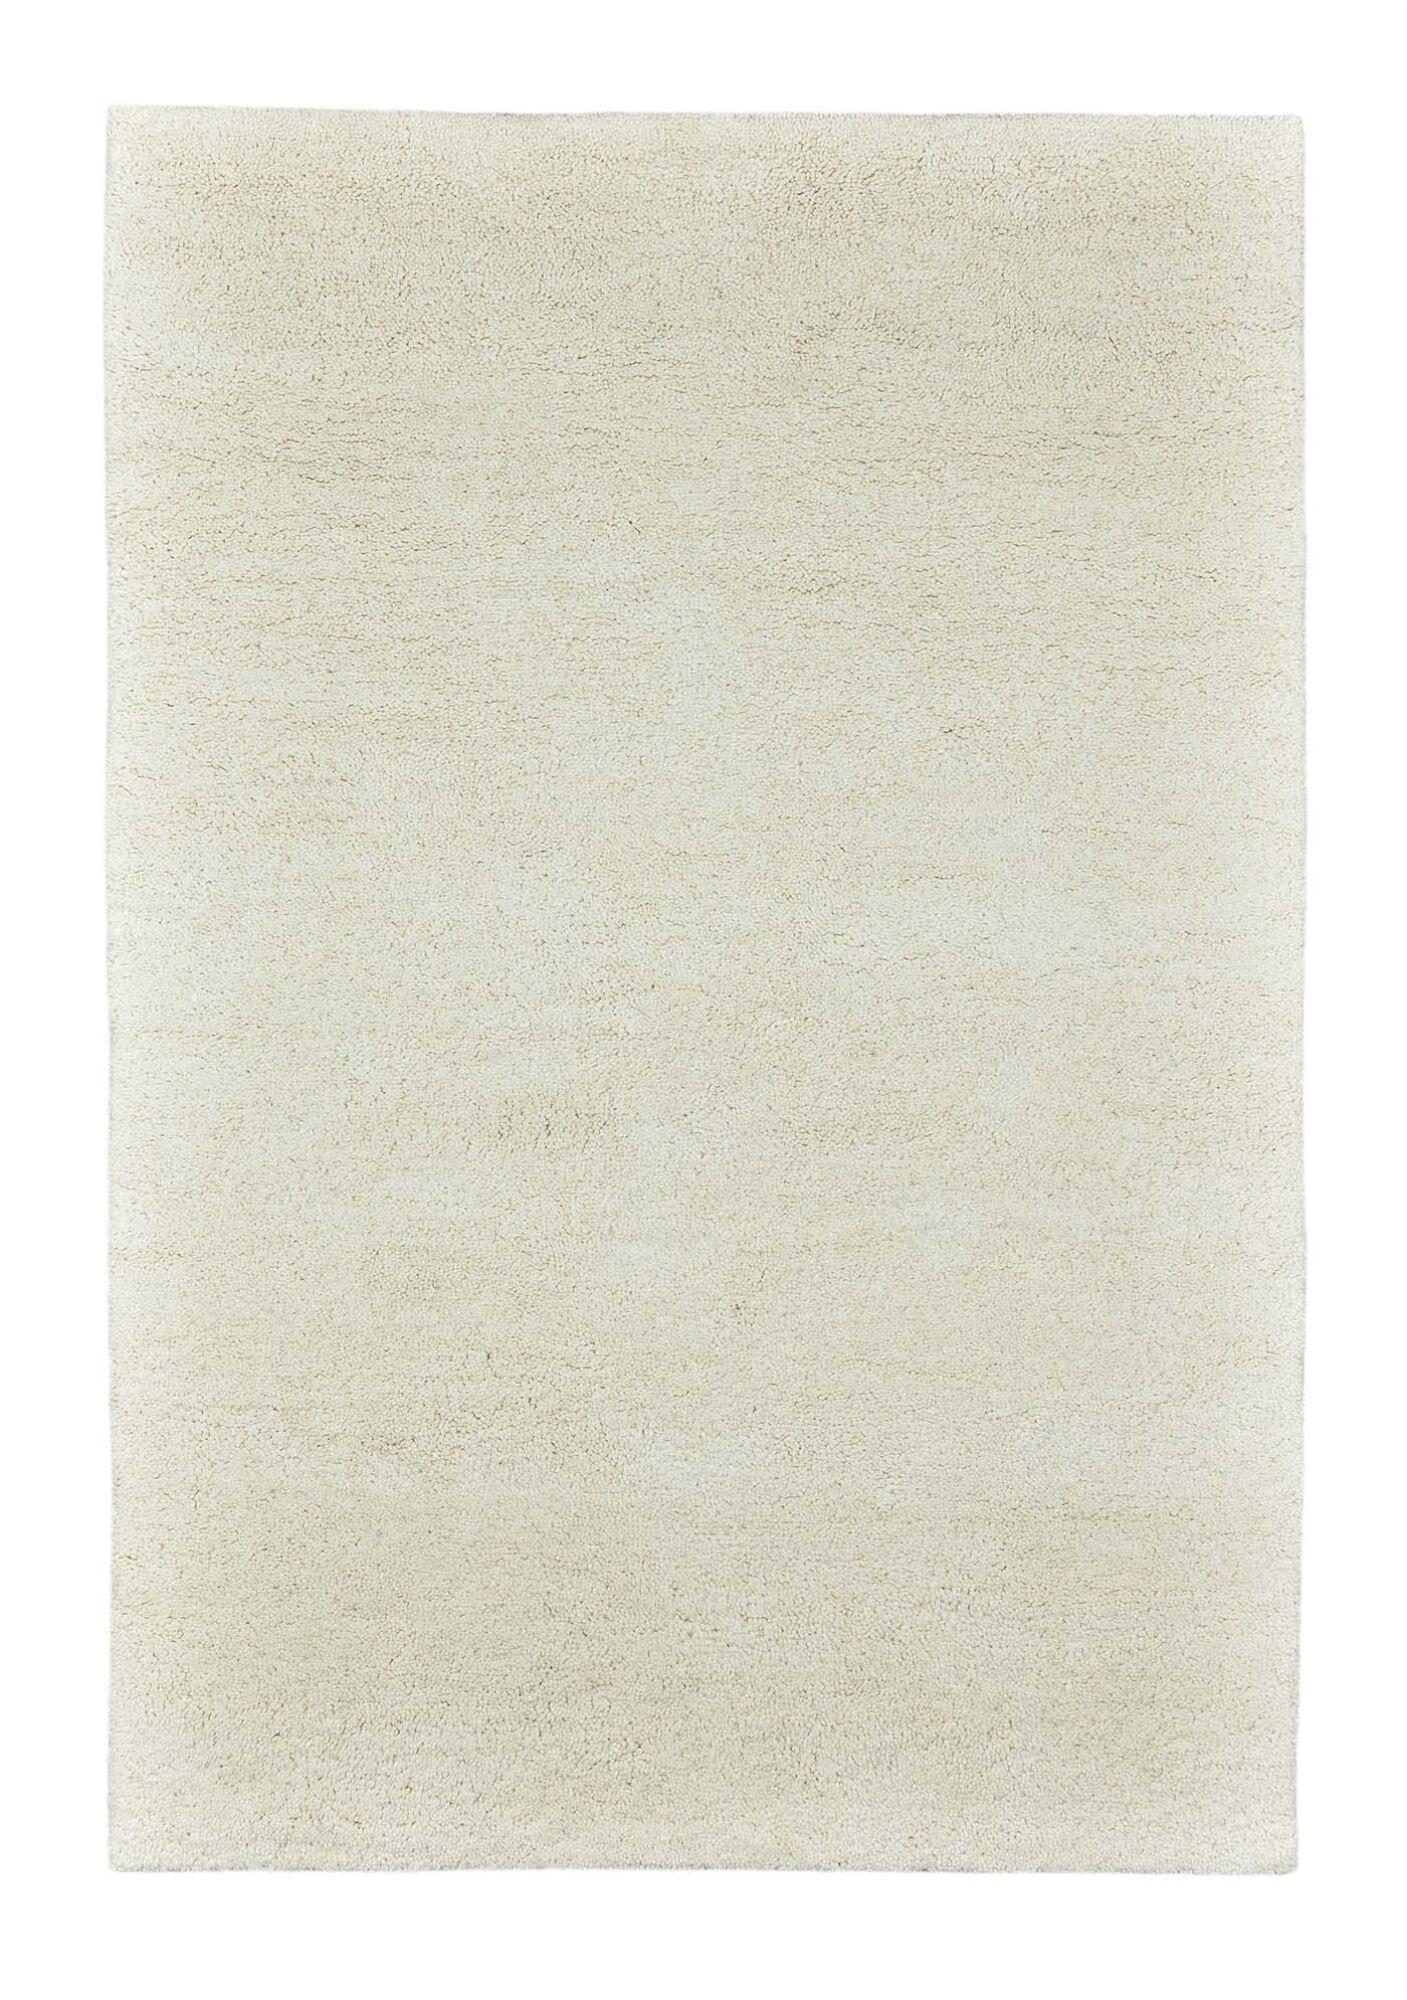 THEKO Tapis Berbre du maroc en laine naturelle Blanc 90x160